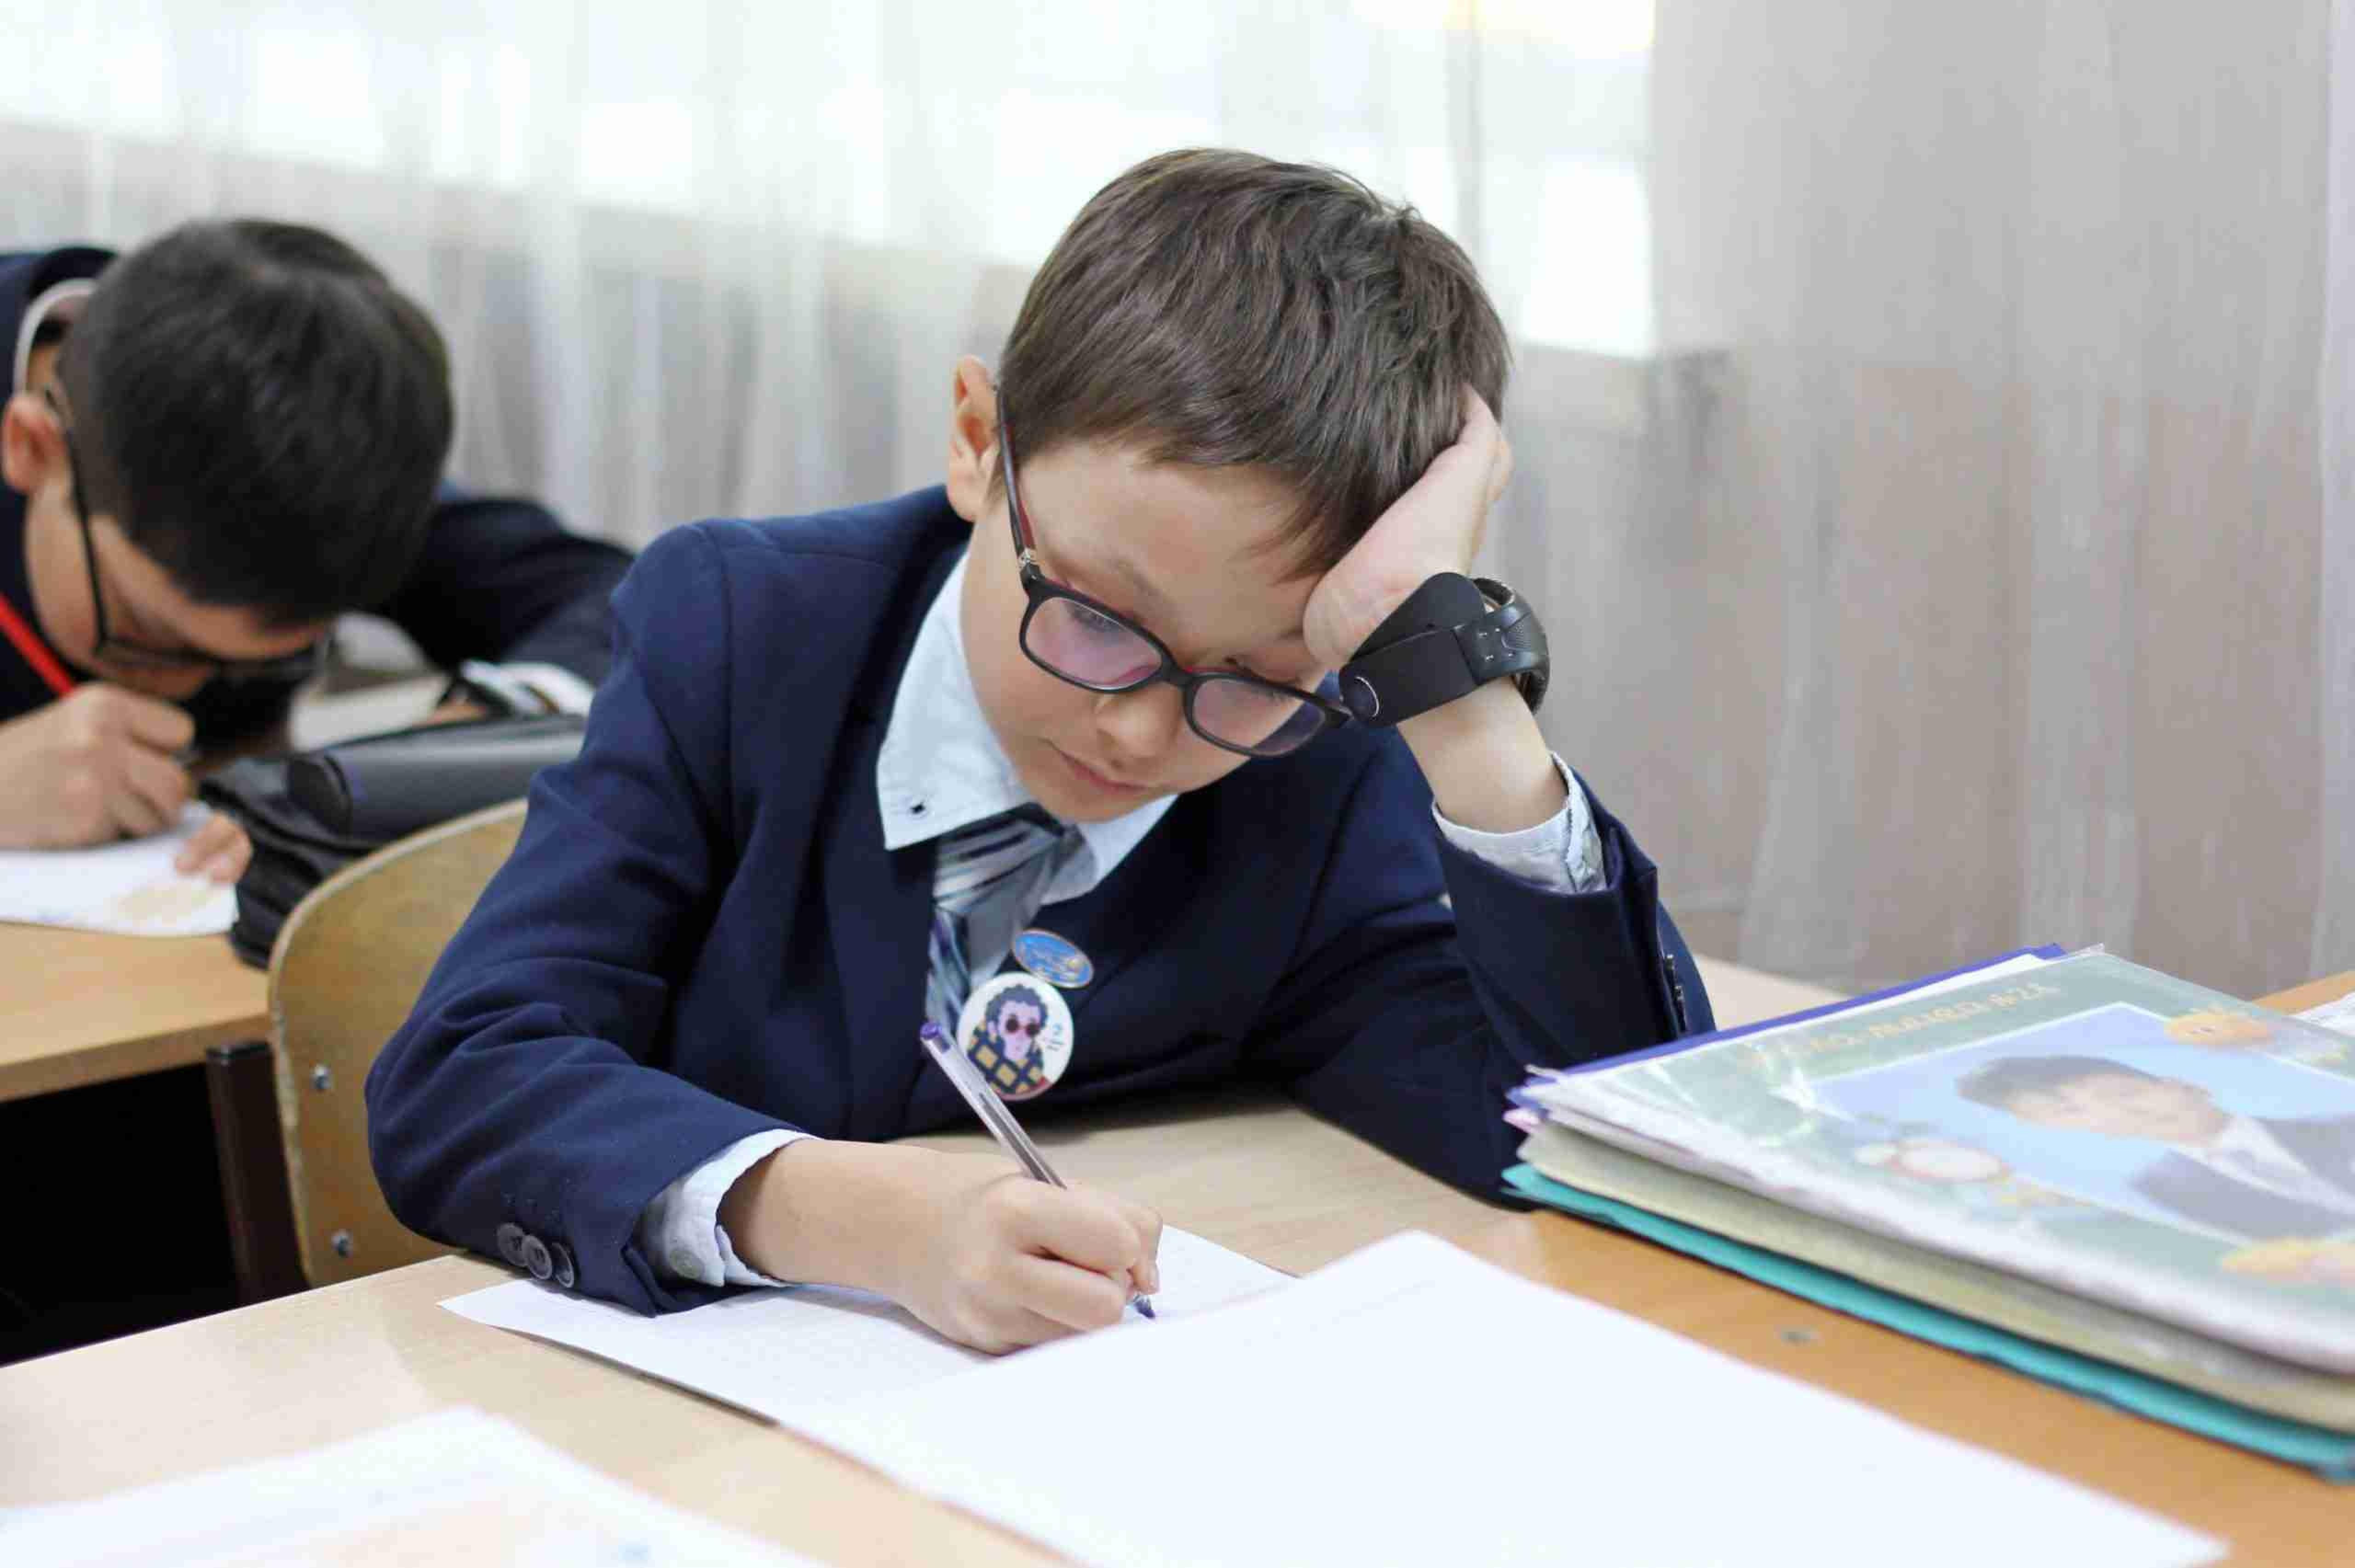 В школах Казахстана отказались от домашних заданий: заявление Минобразования